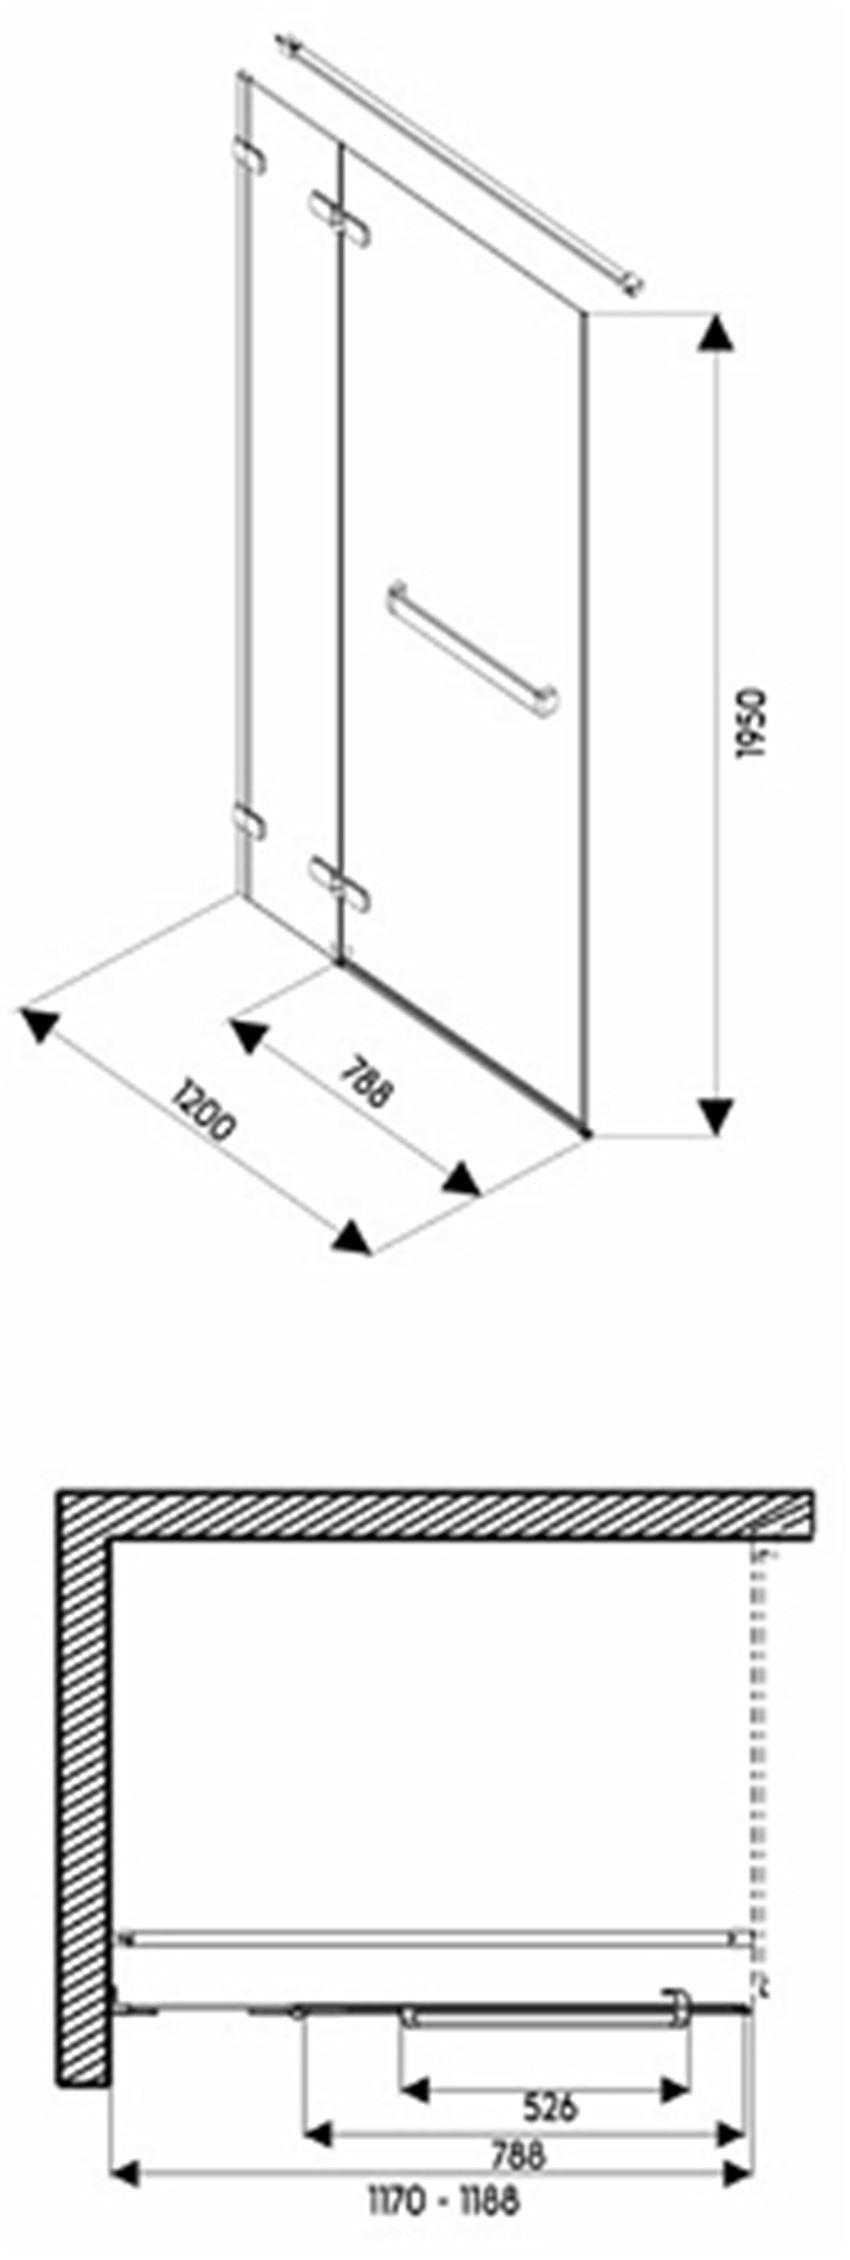 Drzwi skrzydłowe z relingiem do ścianki Next 120 lewostronne Koło Next rysunek techniczny